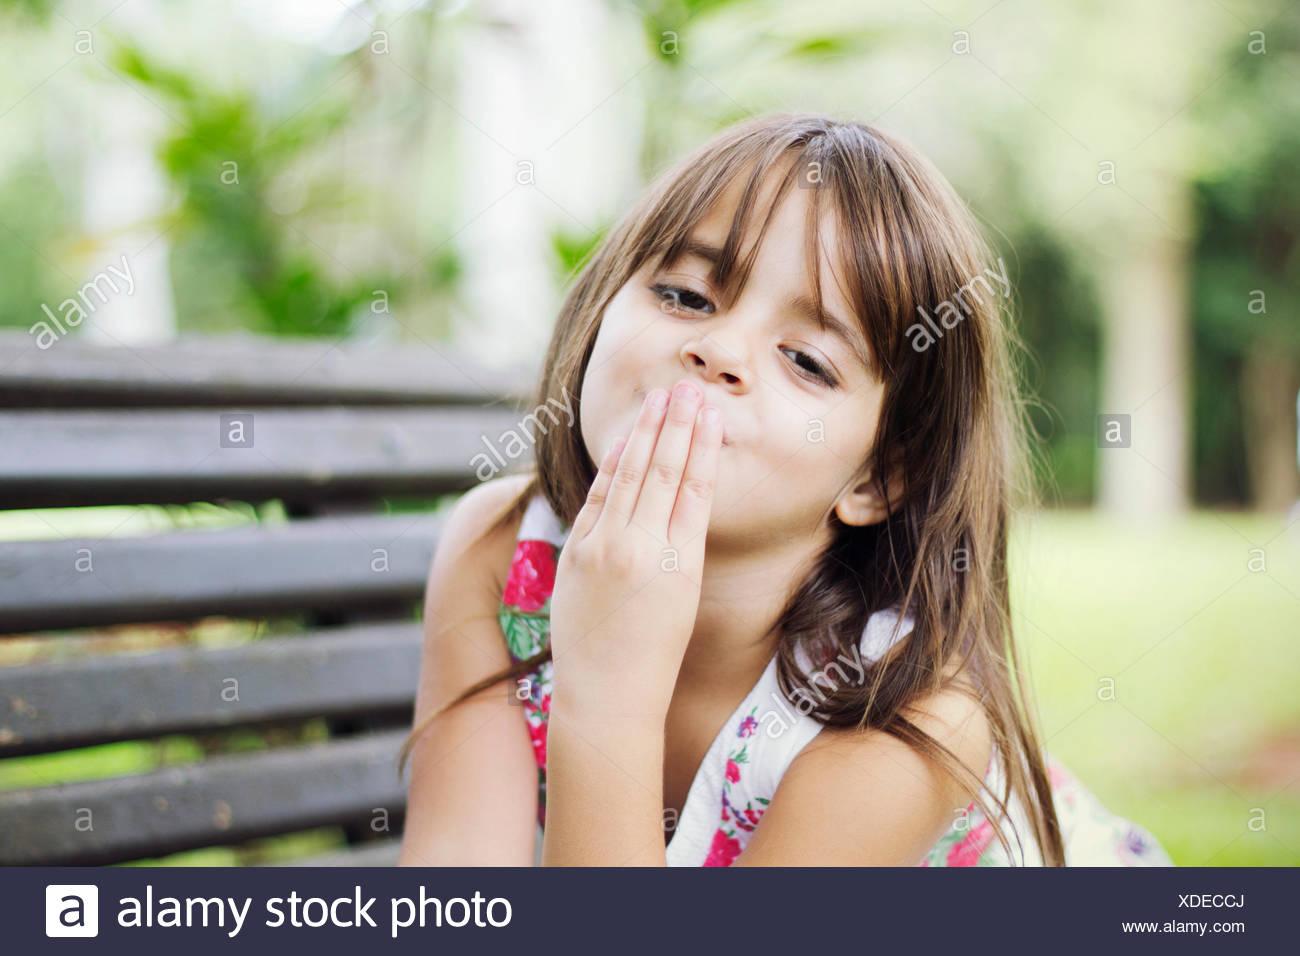 Porträt von netten Mädchen bläst einen Kuss Stockbild